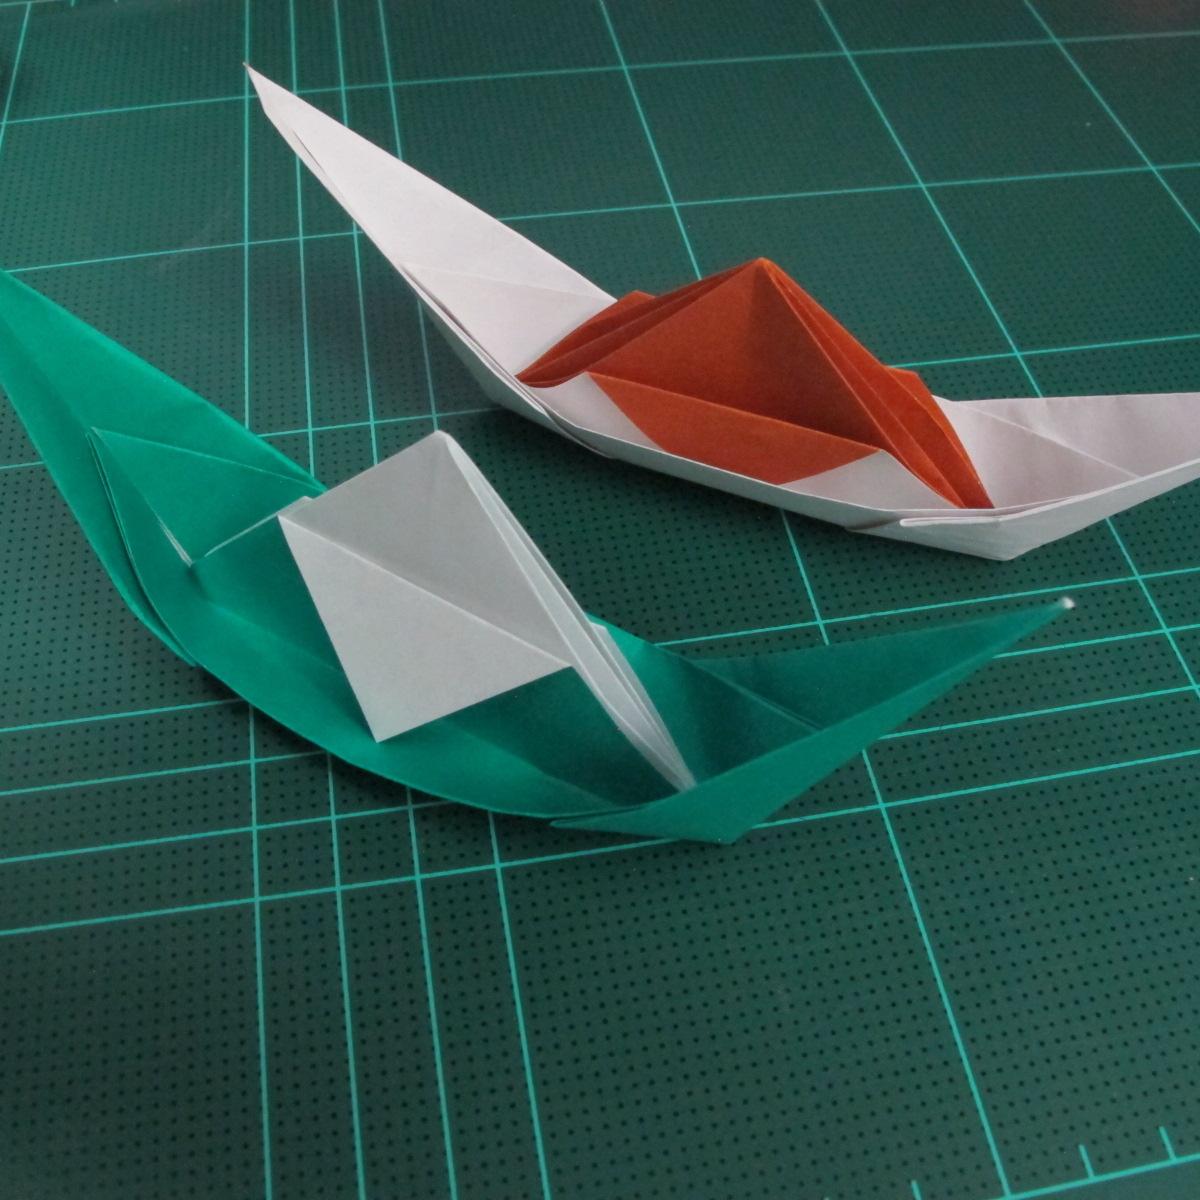 การพับกระดาษเป็นรูปเรือมังกร (Origami Dragon Boat) 026